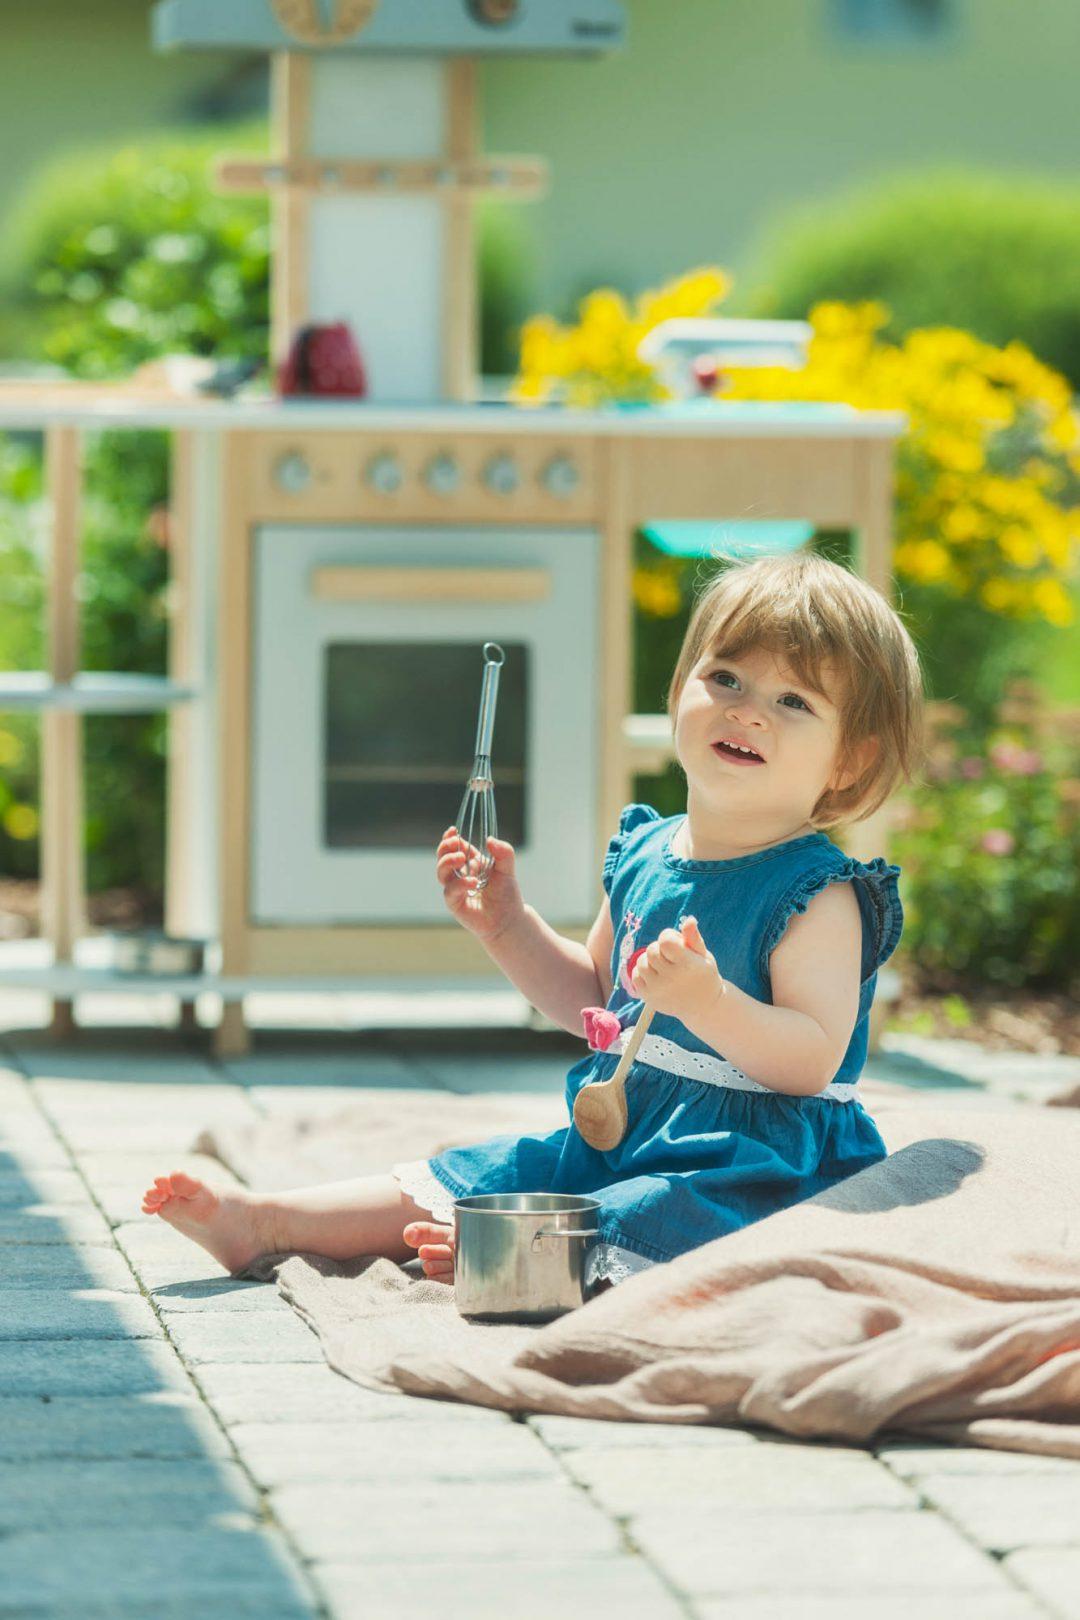 Familienshooting daheim – ganz entspannt